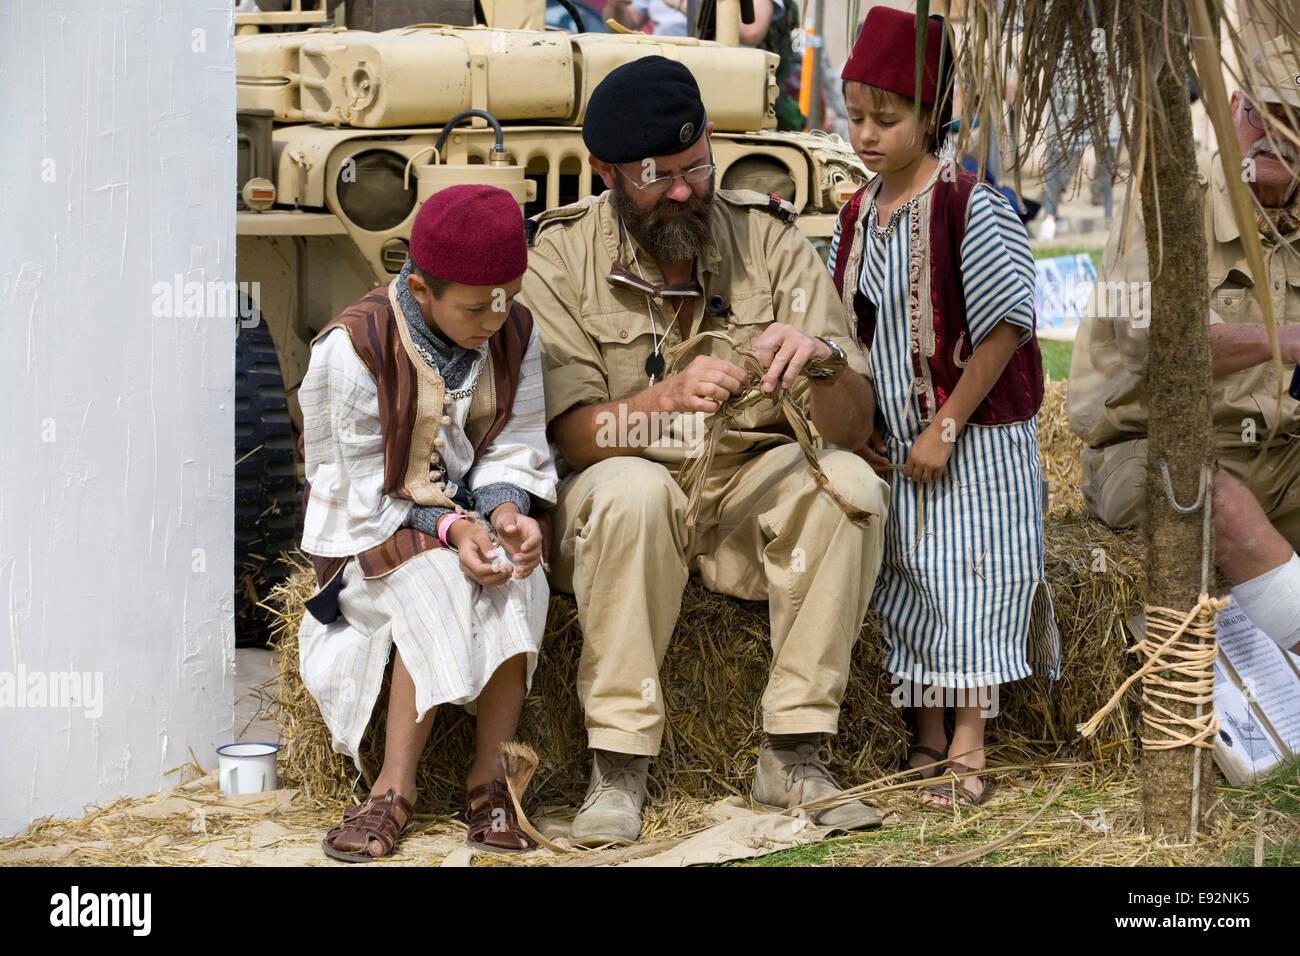 Soldado haciendo un muñeco de láminas con niños vestidos tradicionalmente viendo en el acuartelamiento Imagen De Stock